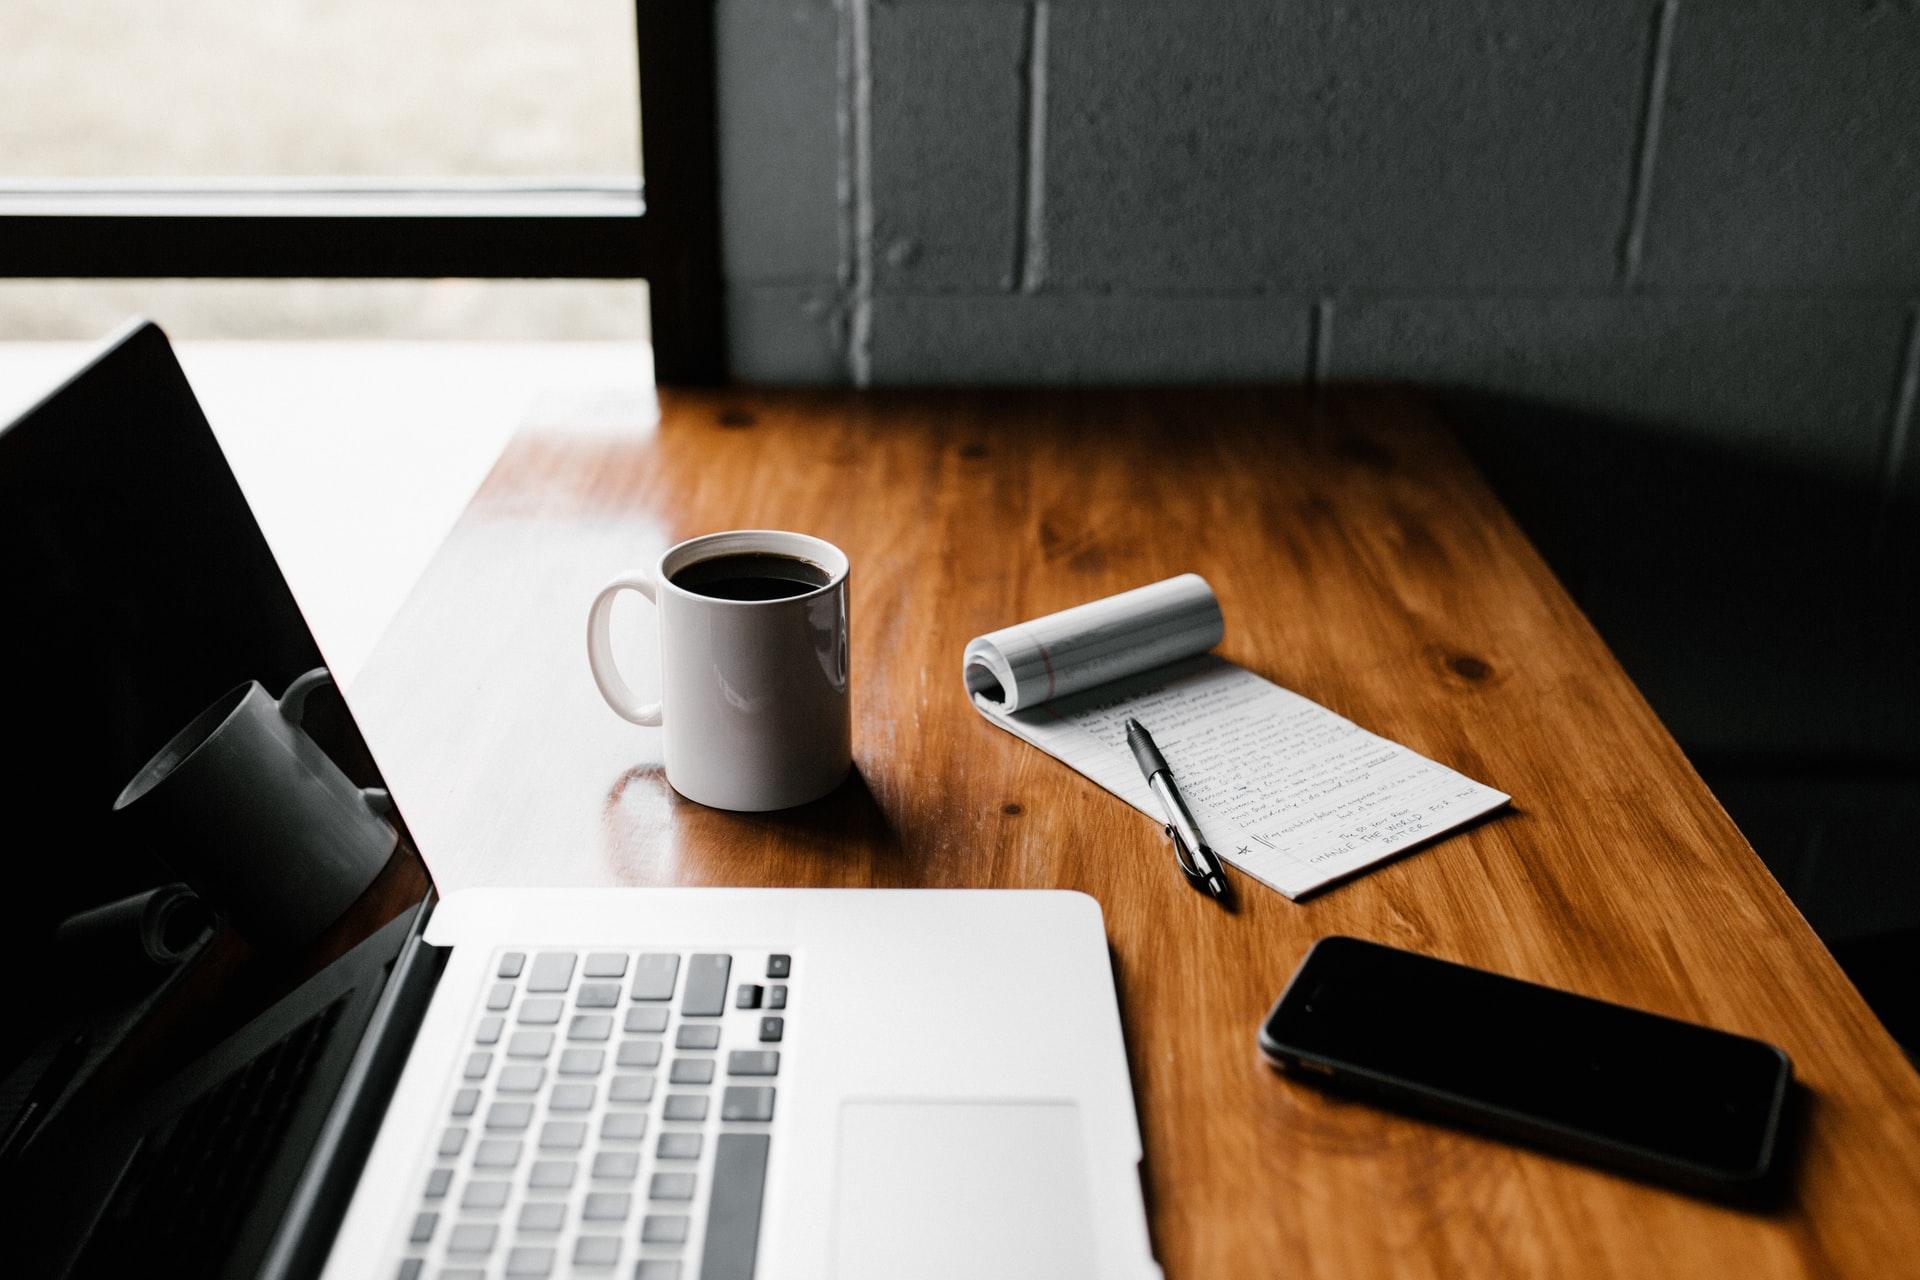 portátil encima de la mesa junto a un smartphone, taza de café y libreta